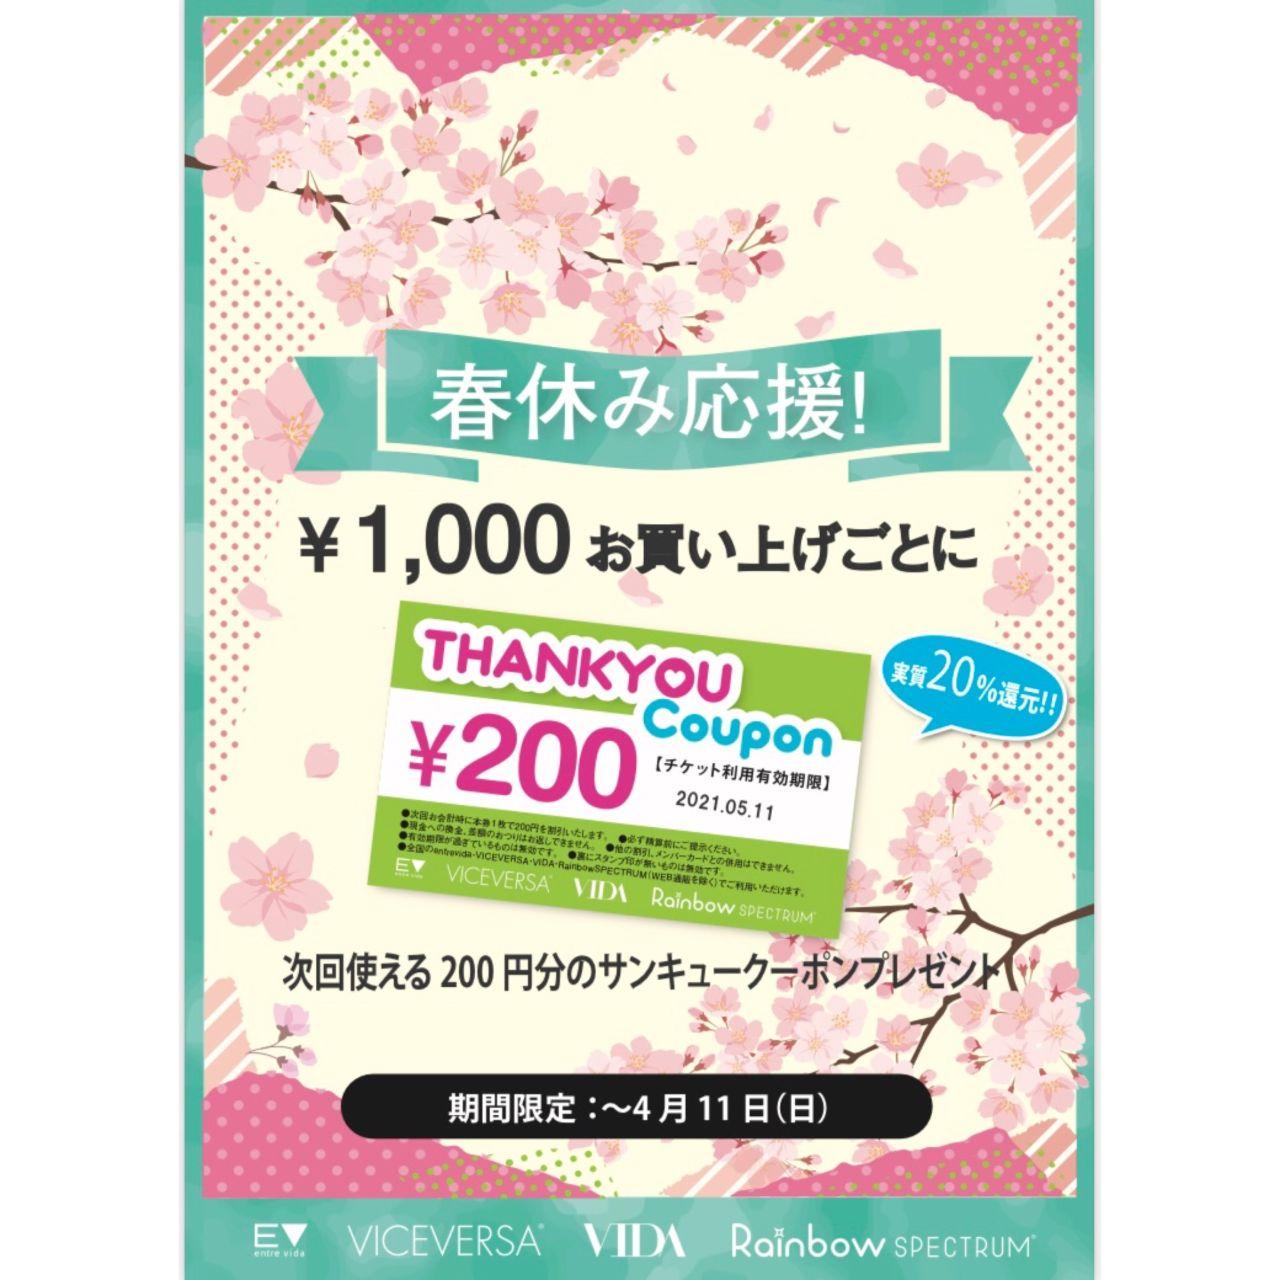 「【20%還元】Thank youクーポン♡」の写真